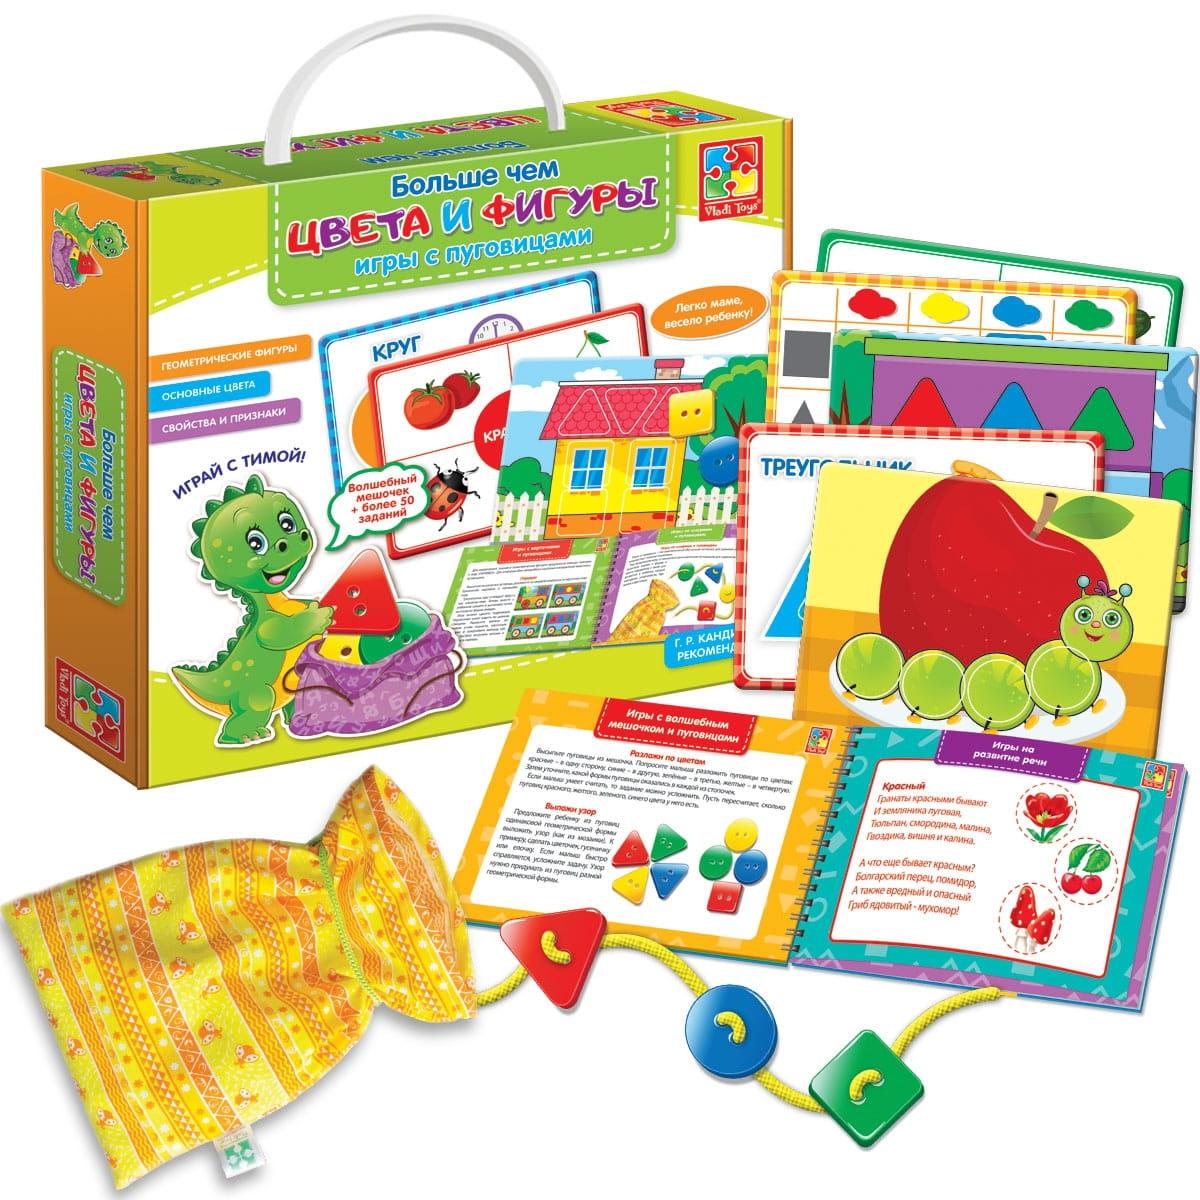 Обучающий набор Vladi Toys Больше чем - Цвета и фигуры